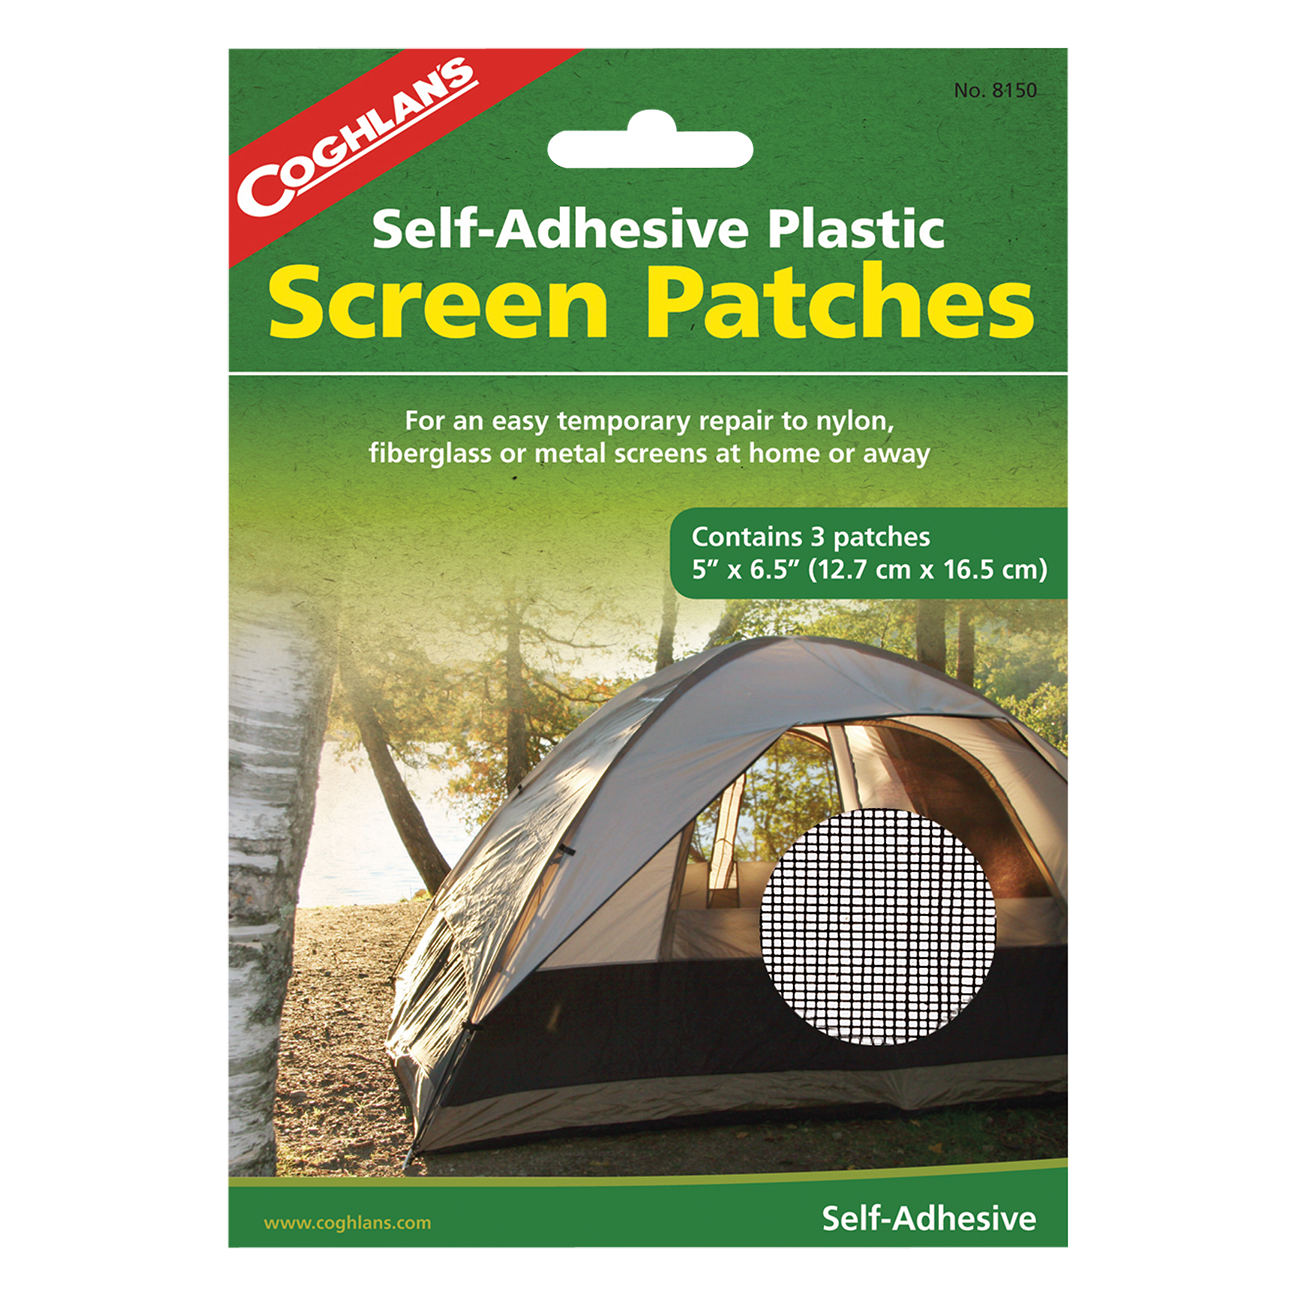 Self-Adhesive Screen Patches Tent Repair-1